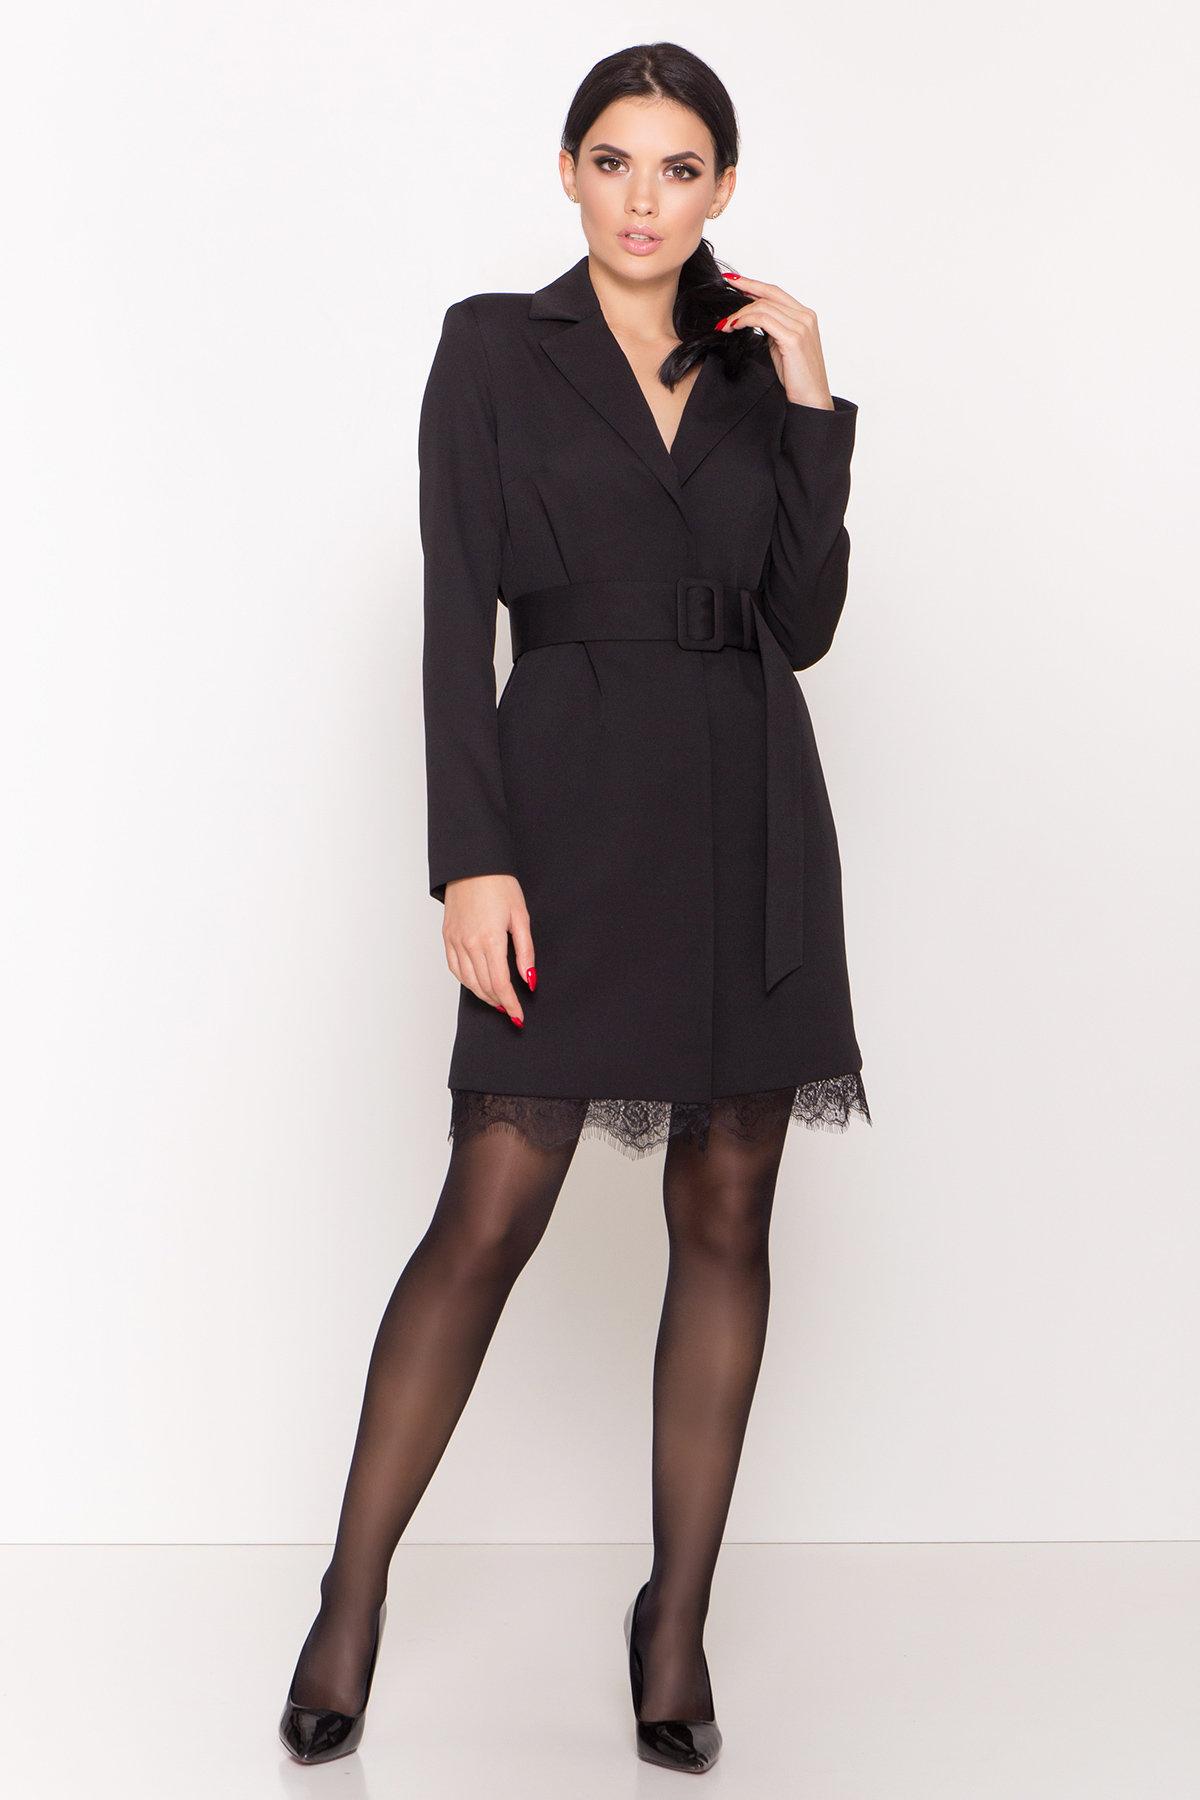 Платье-жакет Маренго 8426 АРТ. 44664 Цвет: Черный - фото 3, интернет магазин tm-modus.ru